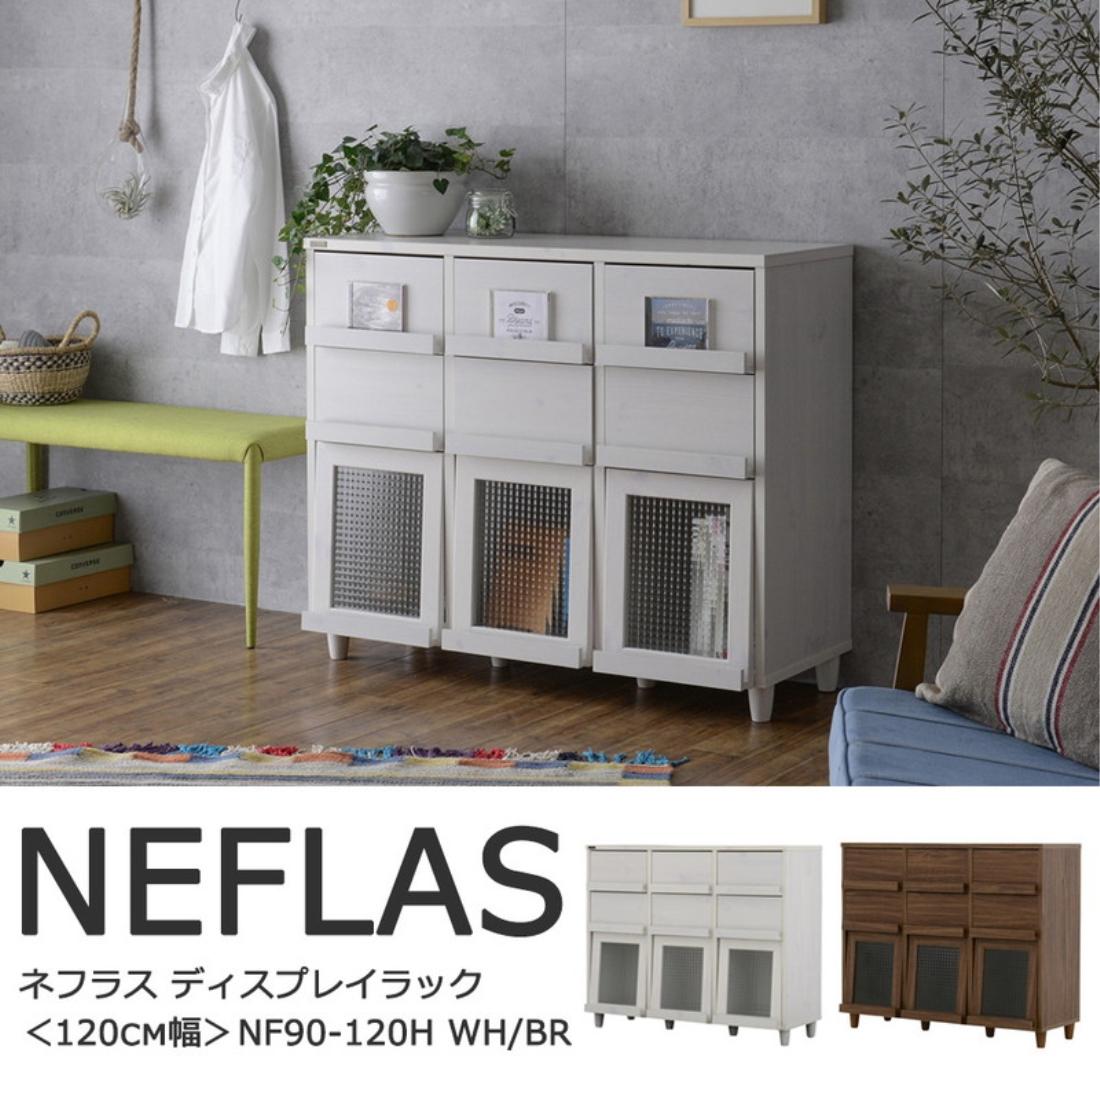 【送料無料】家具 飾り 収納 飾り戸棚 NEFLAS(ネフラス)引出し付きディスプレイラック(120cm幅)WH/BR オシャレ